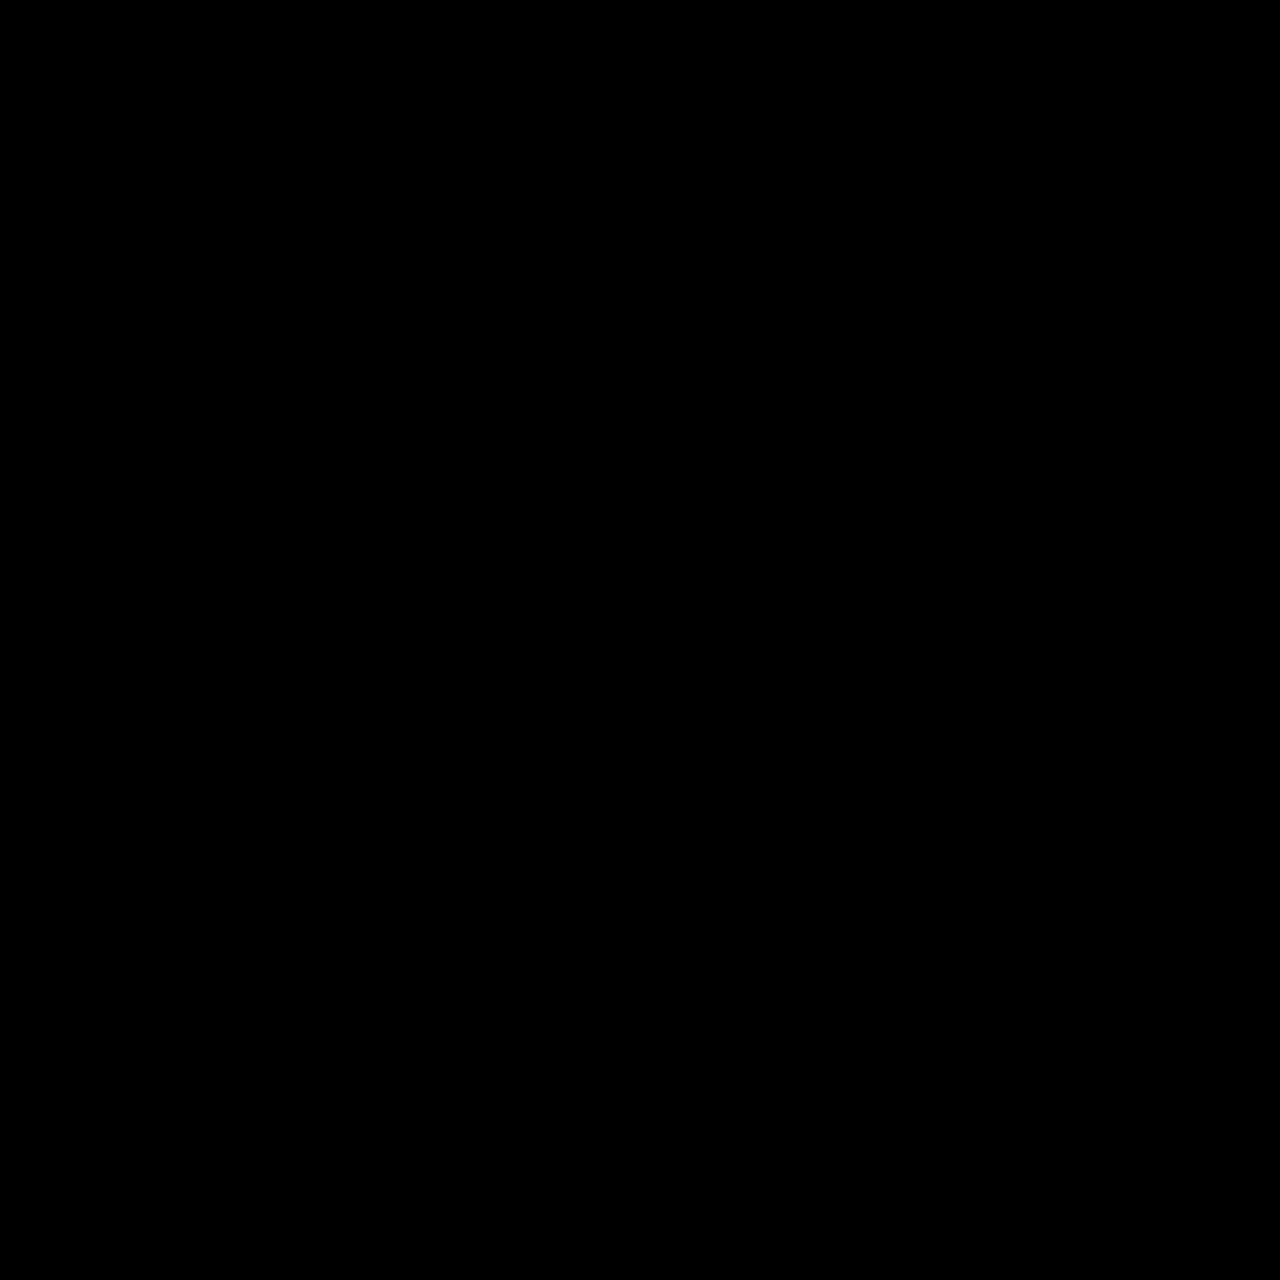 Wikipediafavicon